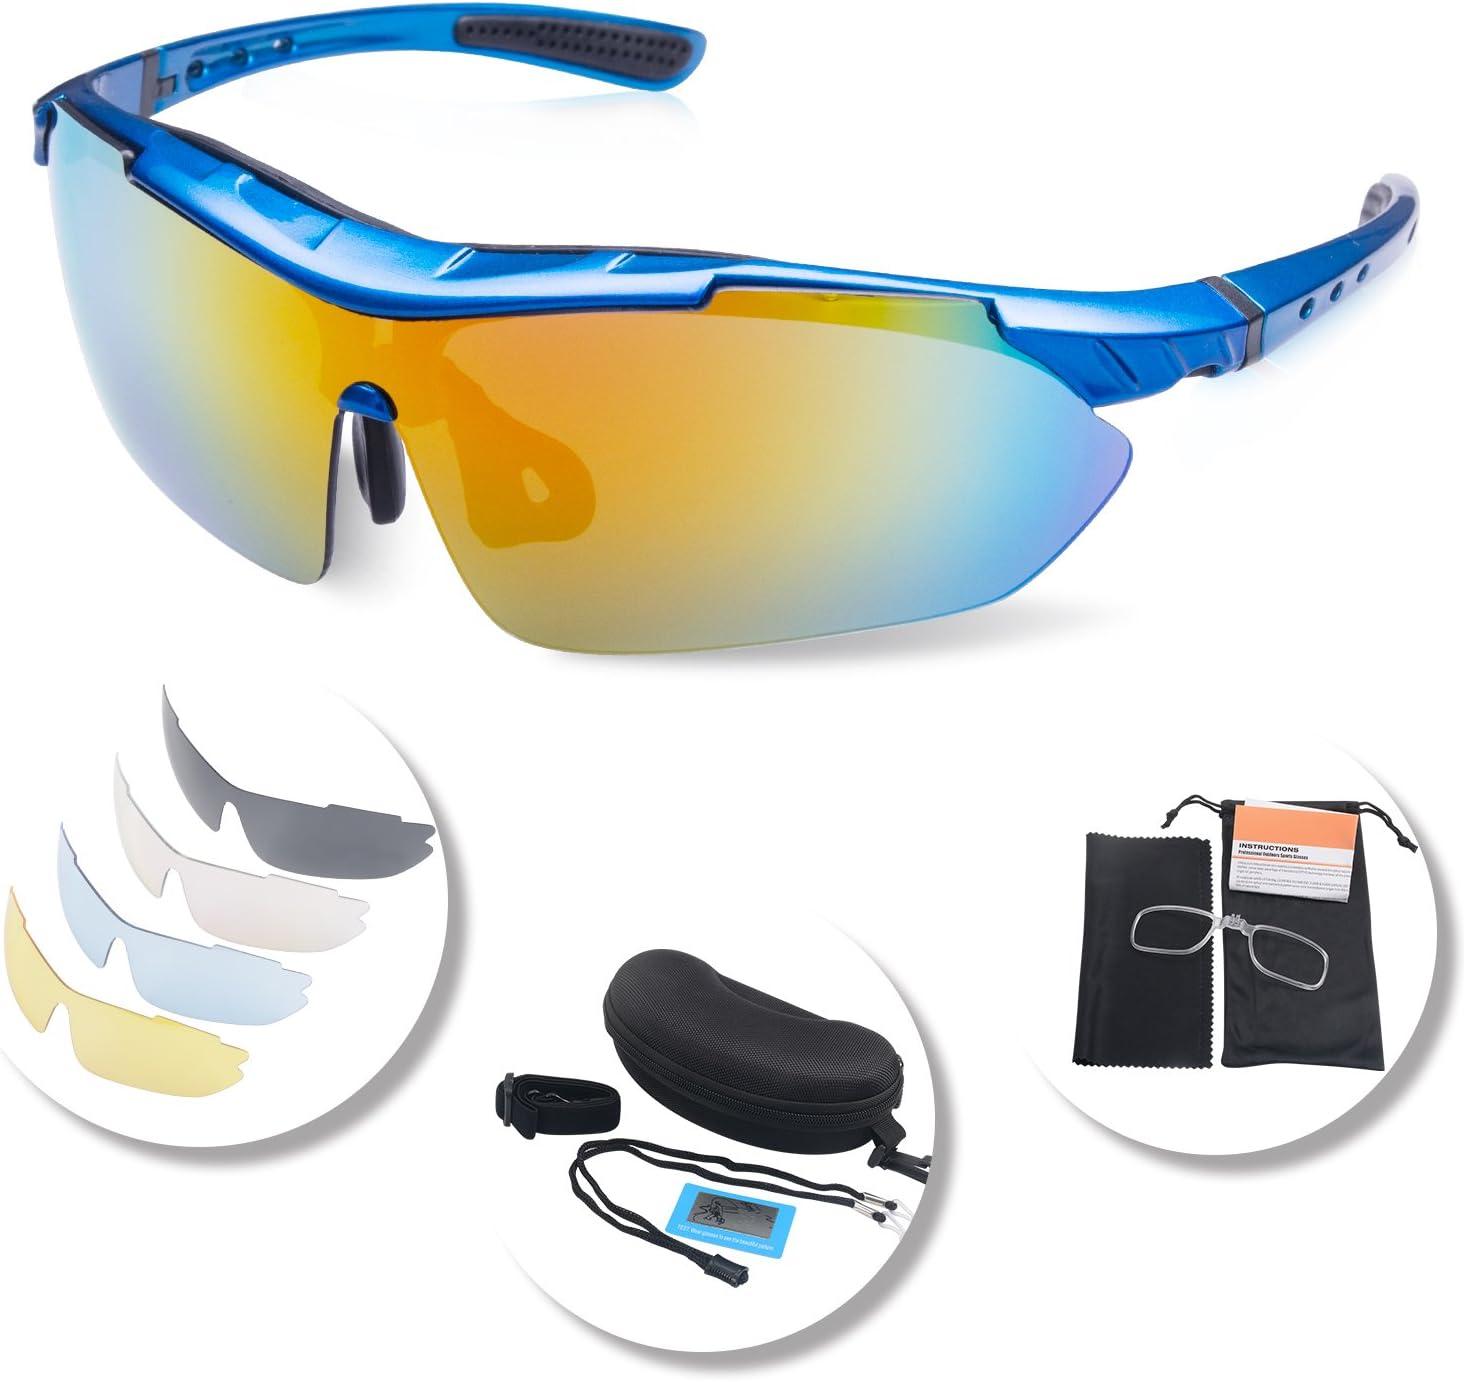 sport occhiali polarizzati occhiali da sole da ciclismo Giallo per equitazione ciclismo Jiamins lenti protettive dai raggi UV